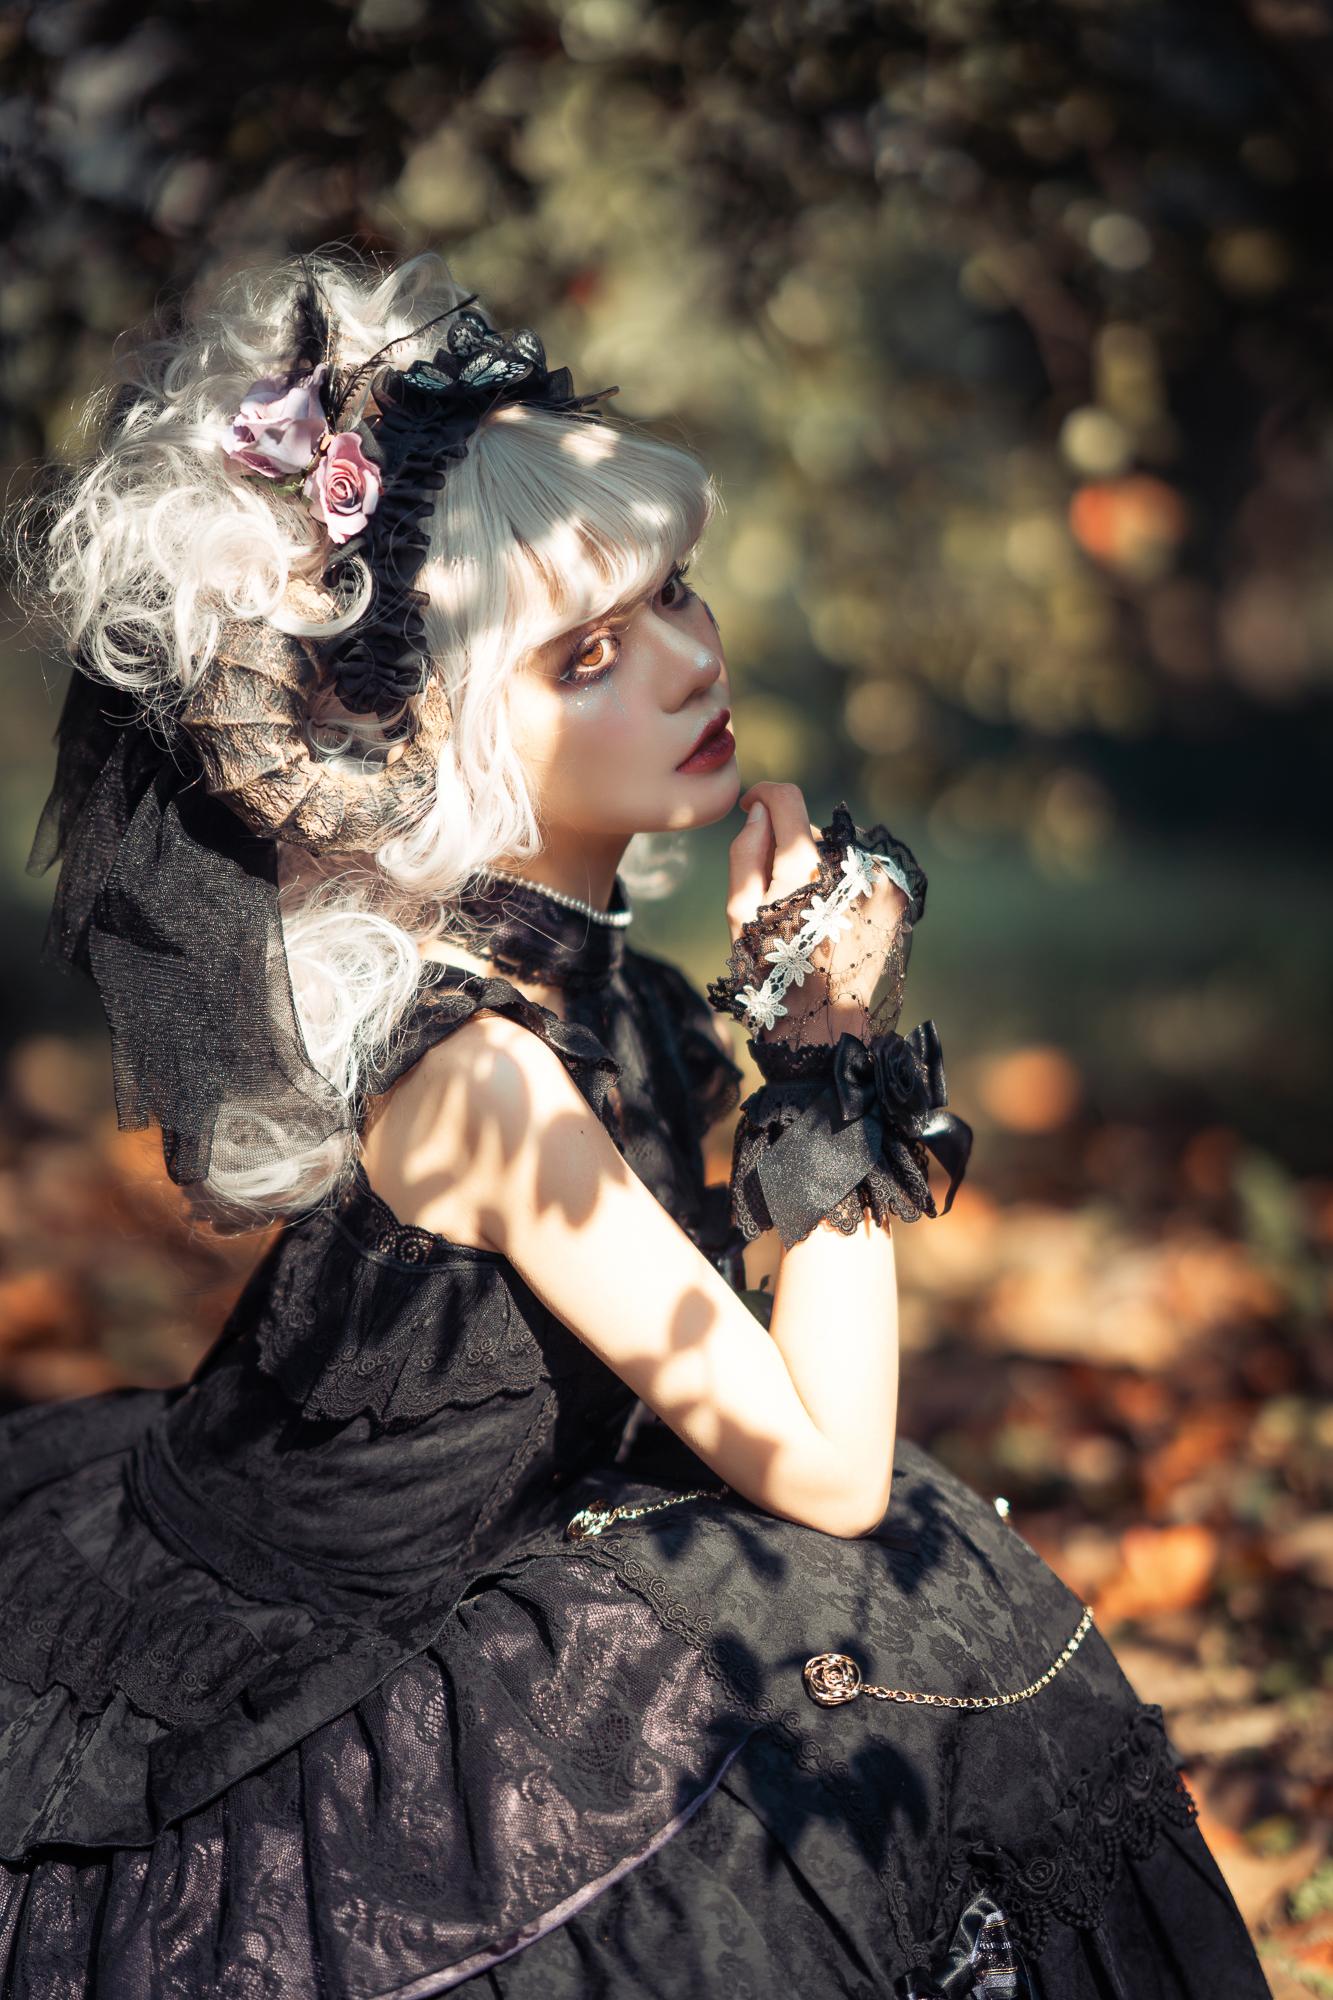 是洛丽塔公主吗?気取らない優美さ